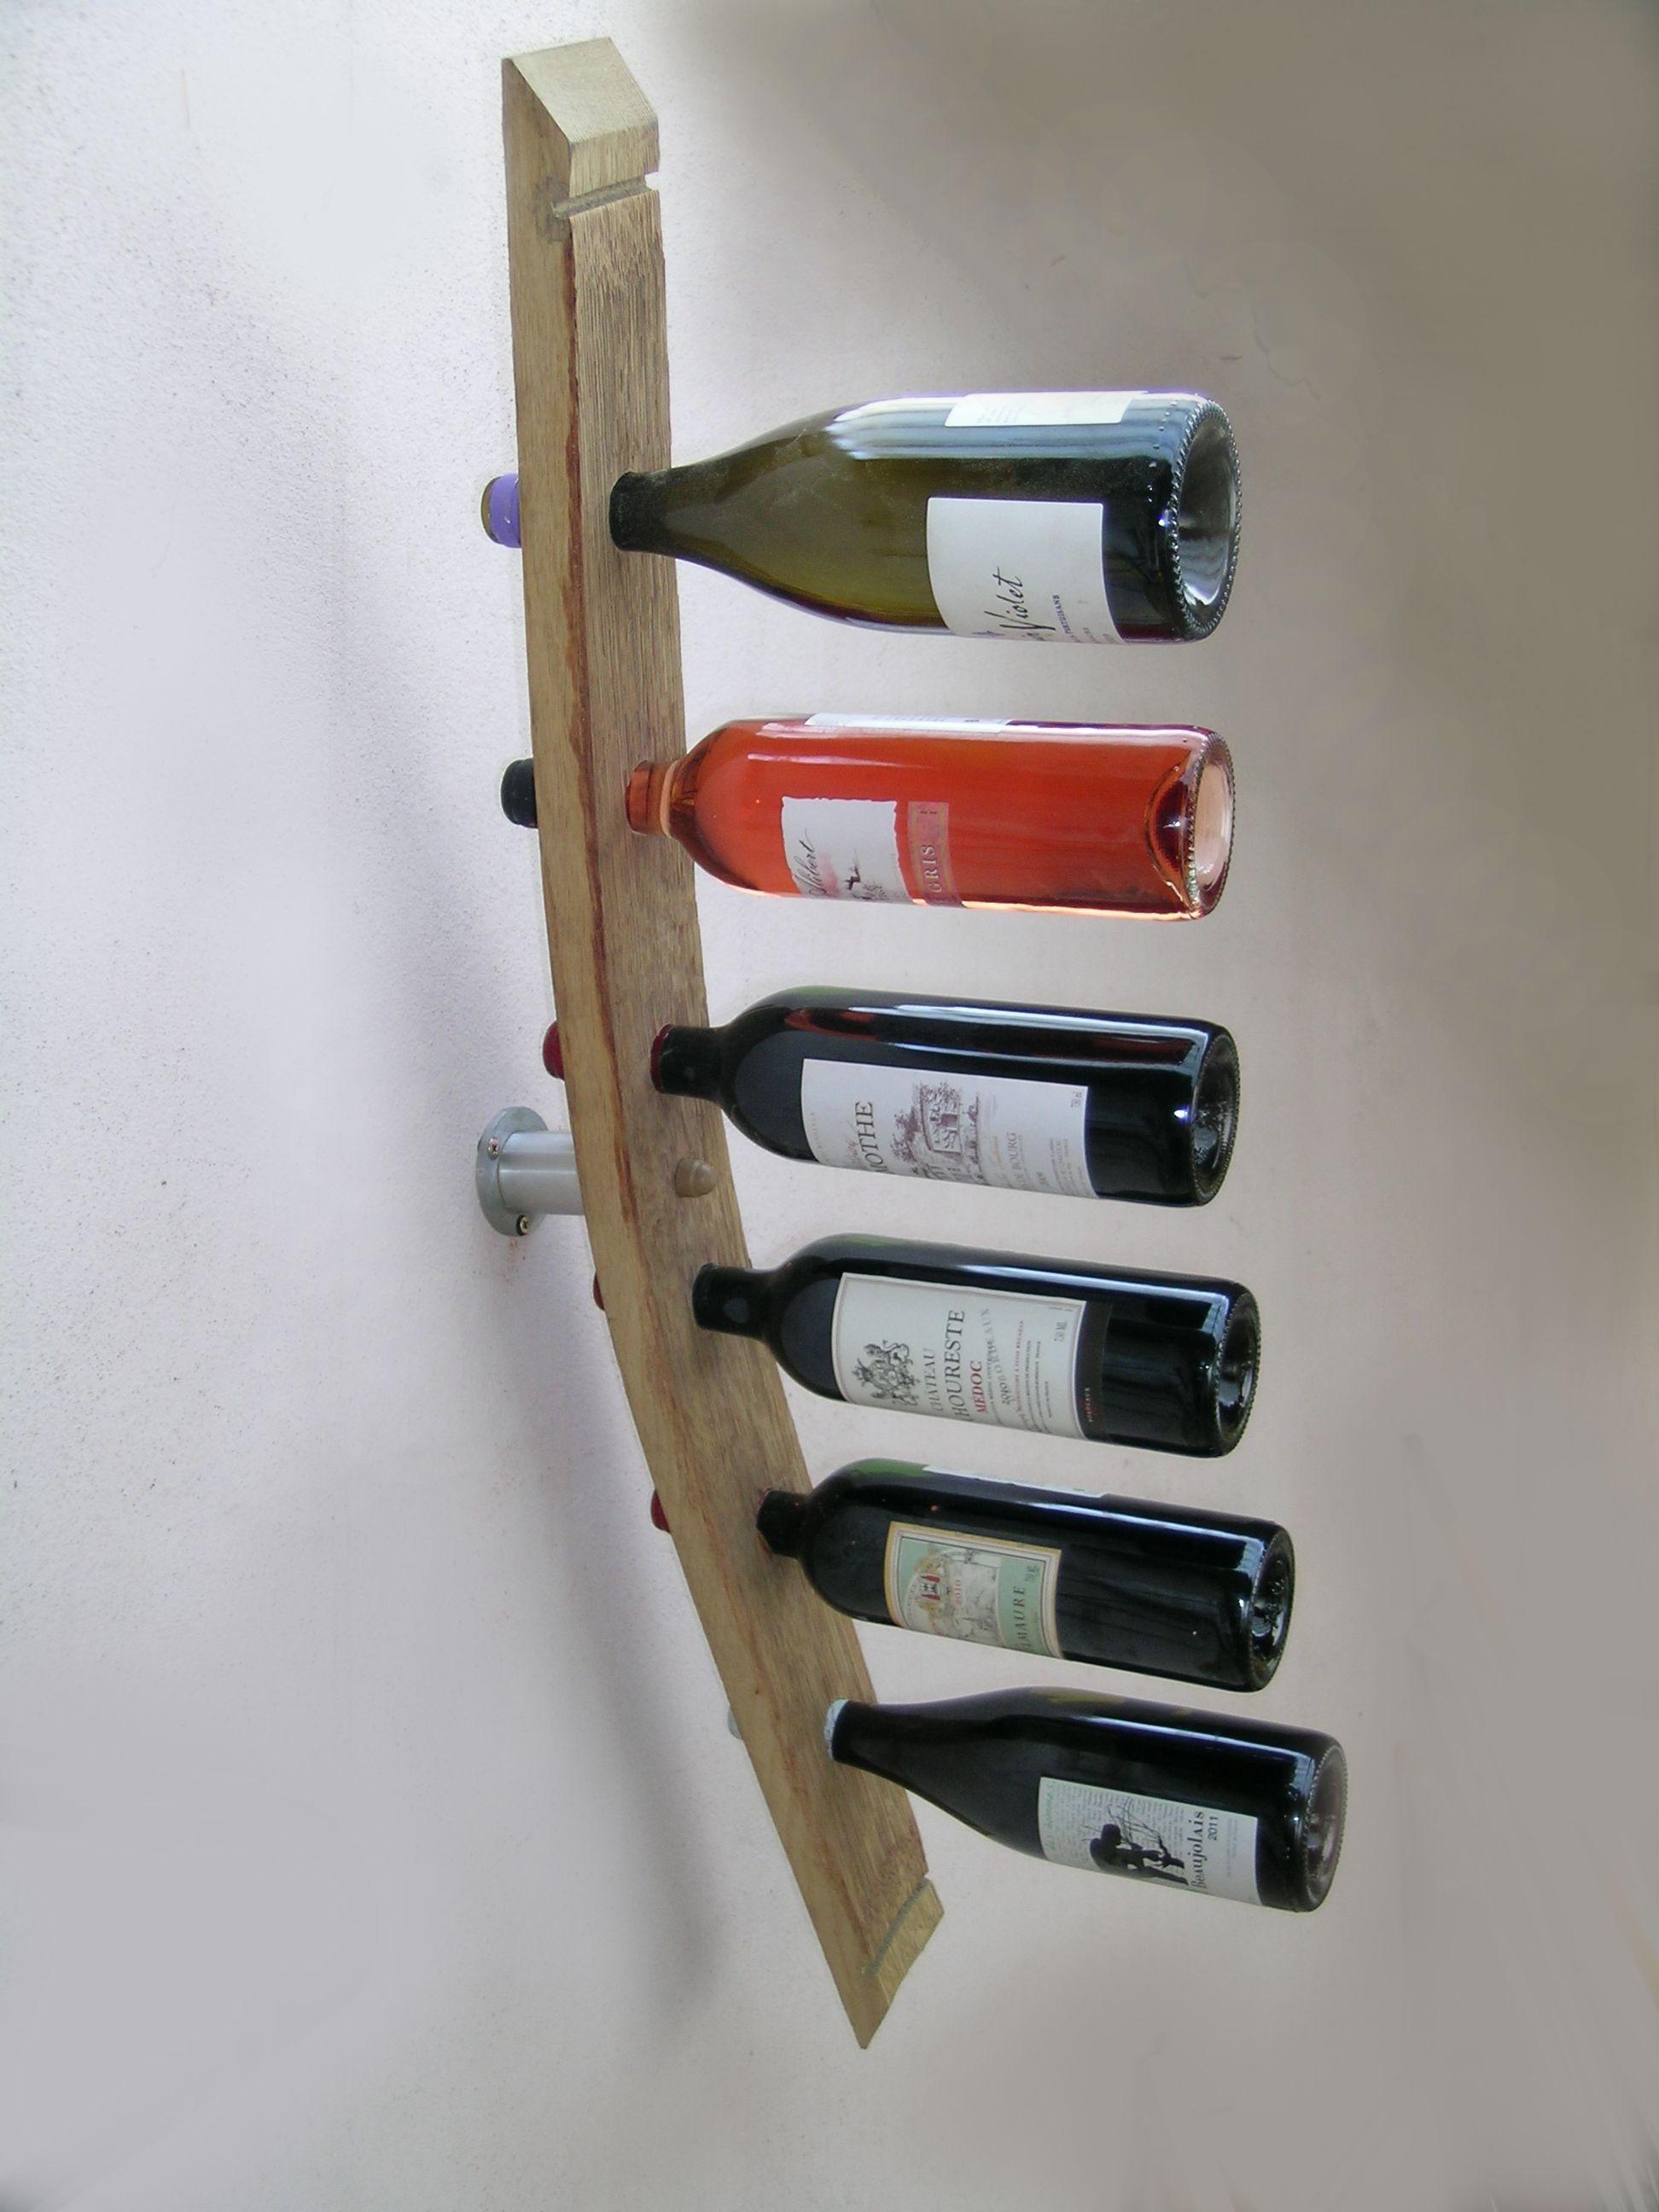 agencement de cave vins d coration de cave vins mobilier de caves vins am nagement de. Black Bedroom Furniture Sets. Home Design Ideas